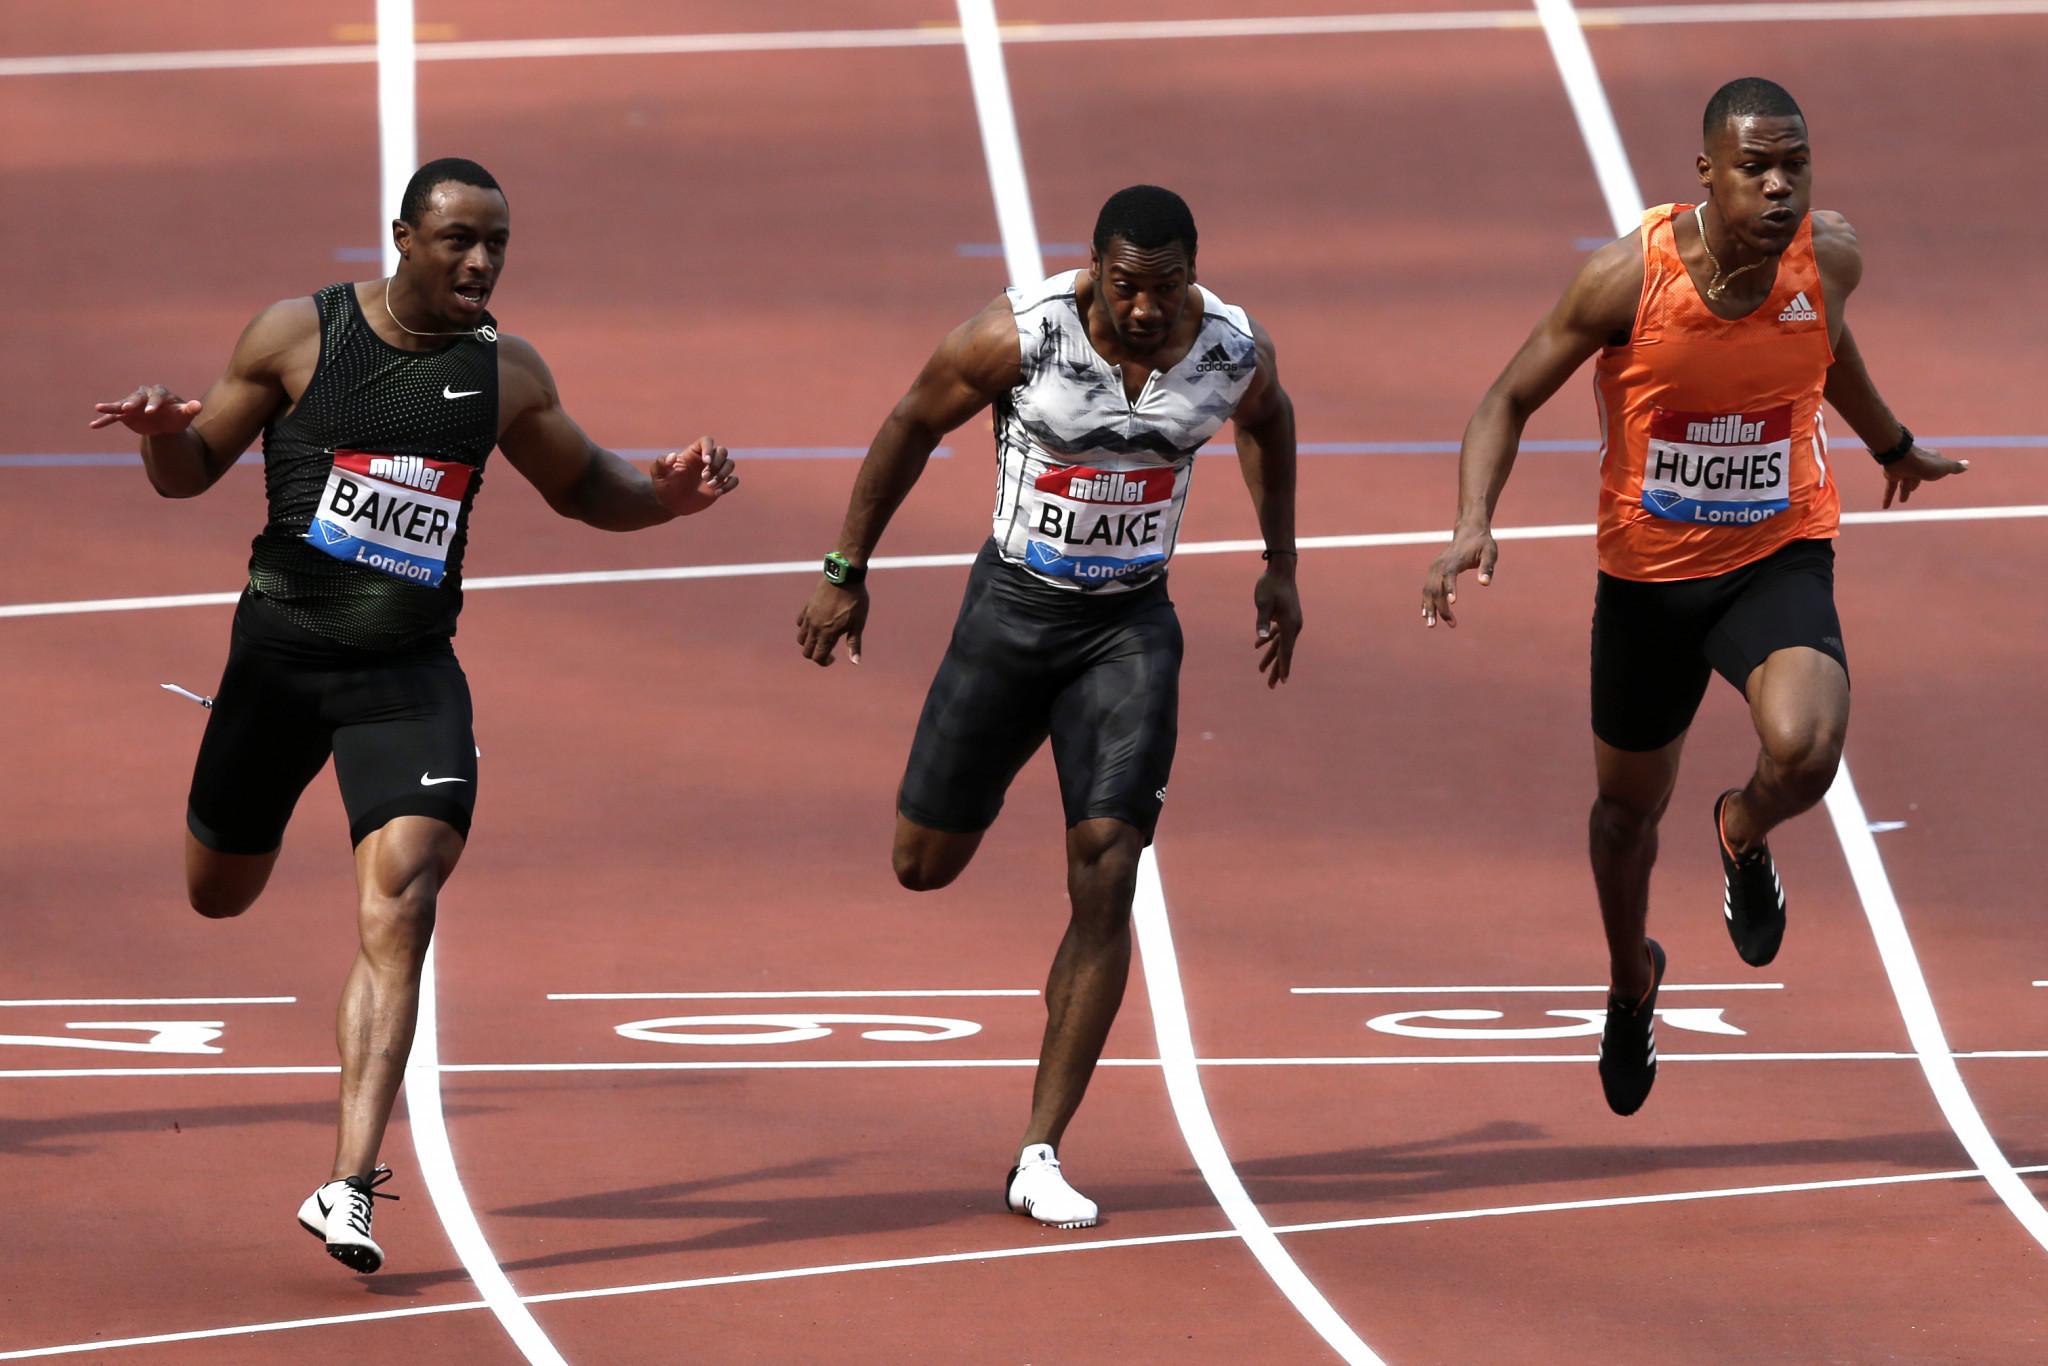 e35b35771a7cd Baker speeds to 9.90 100m win at IAAF London Diamond League meeting